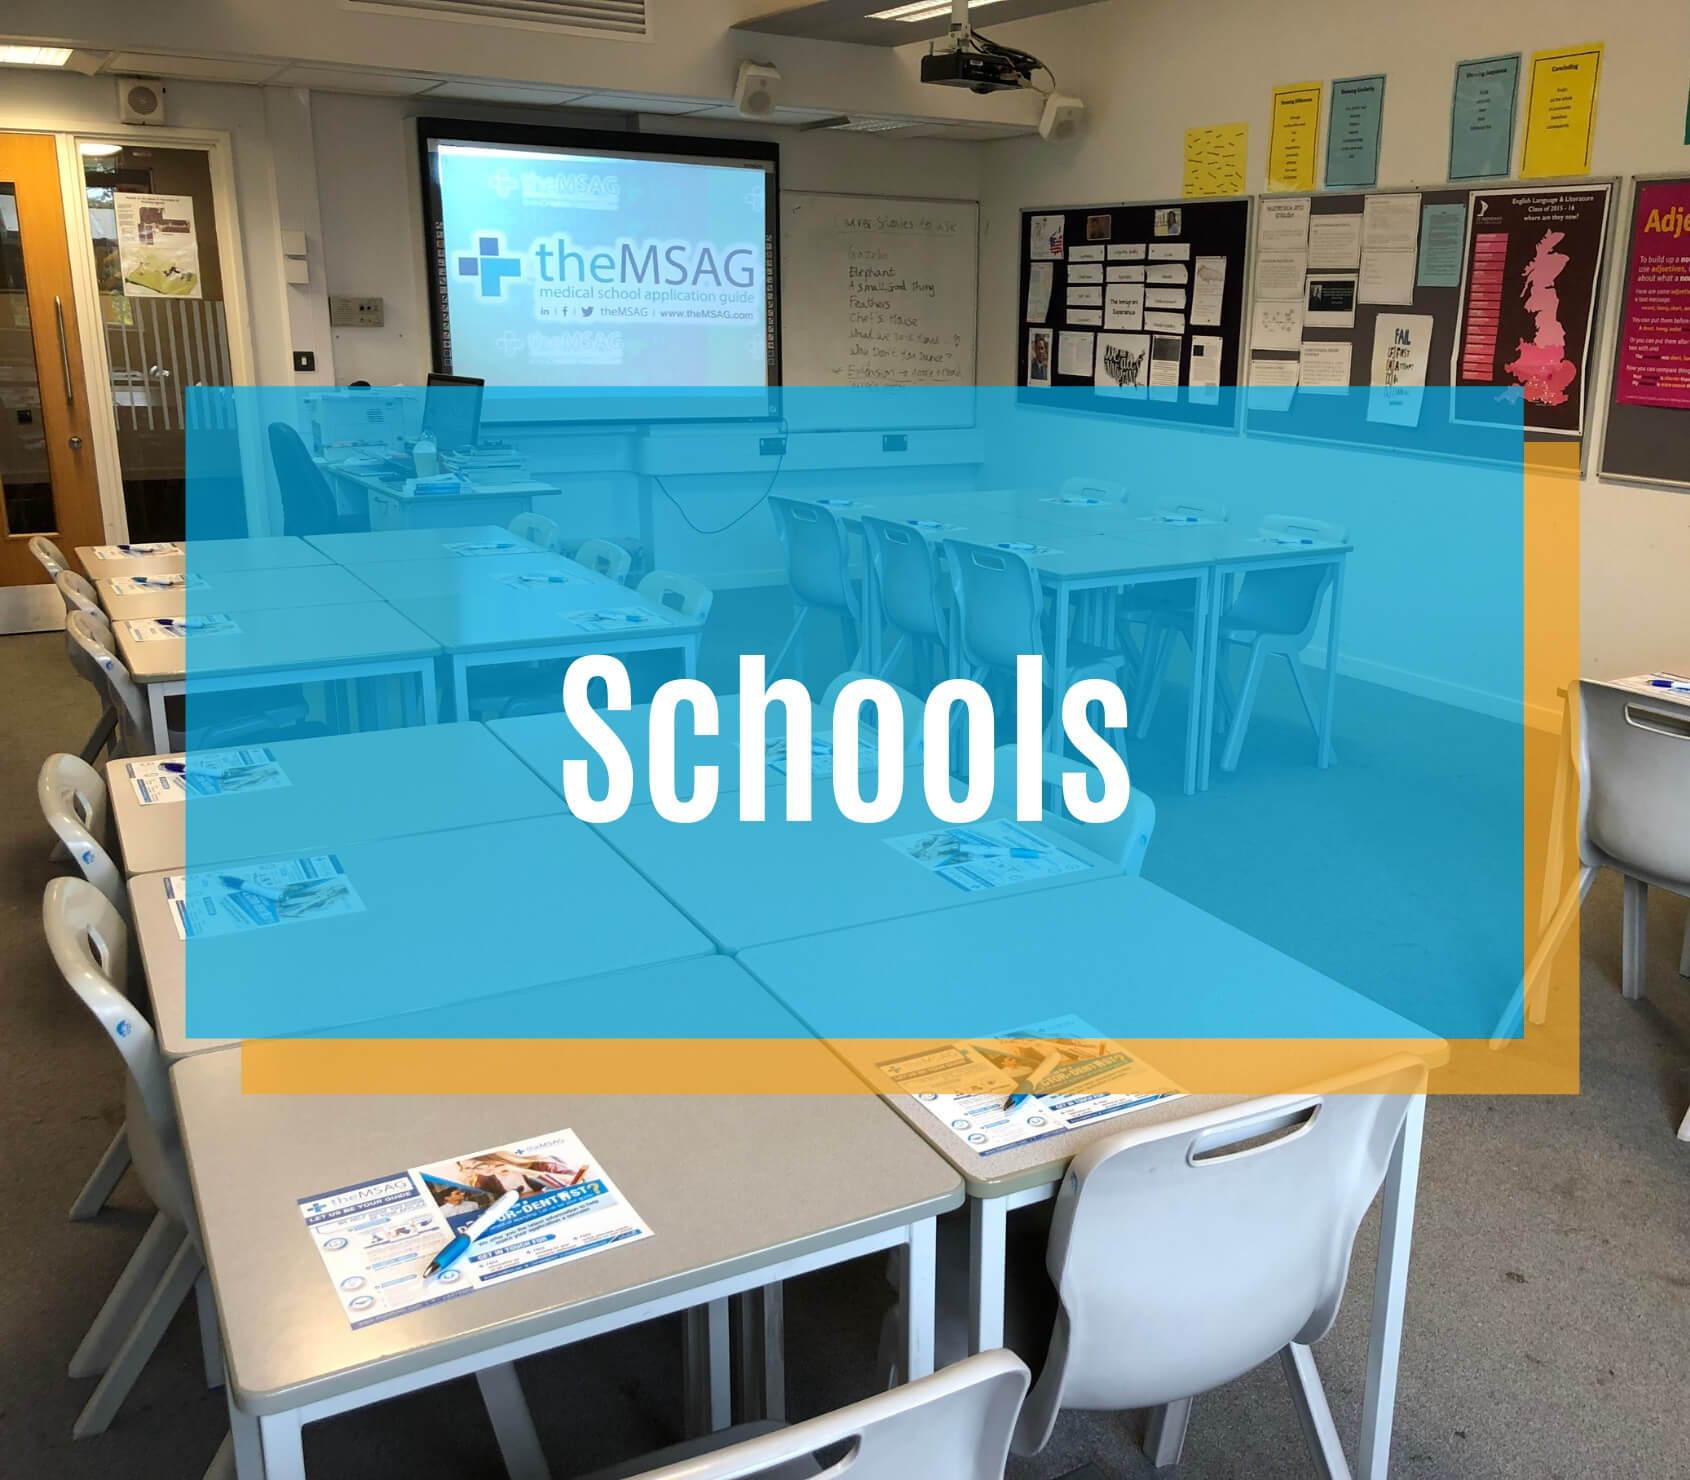 themsag-in-schools